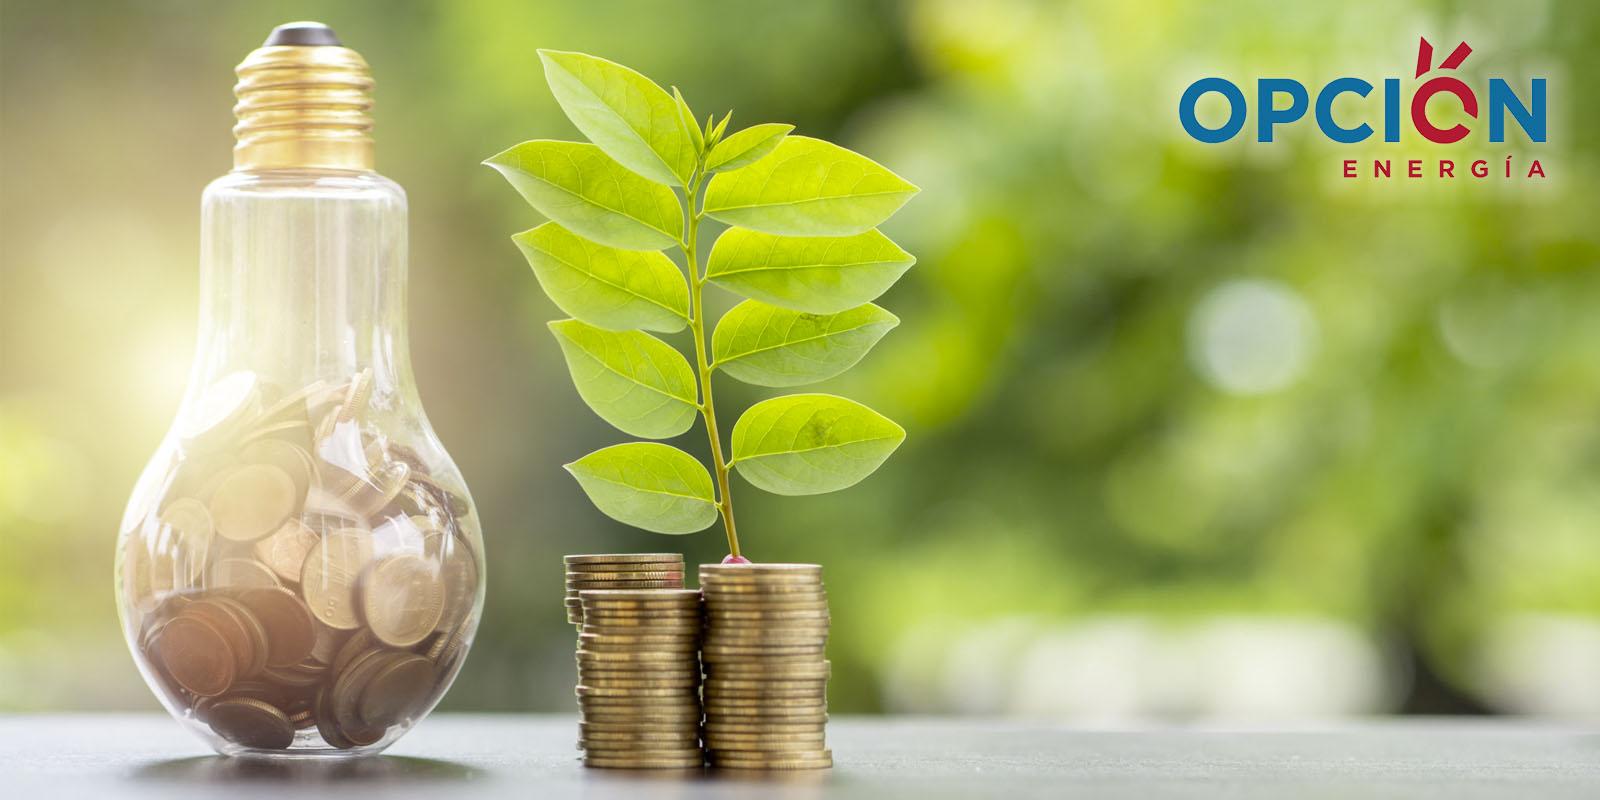 Pagar el precio más barato por la electricidad de tu hogar